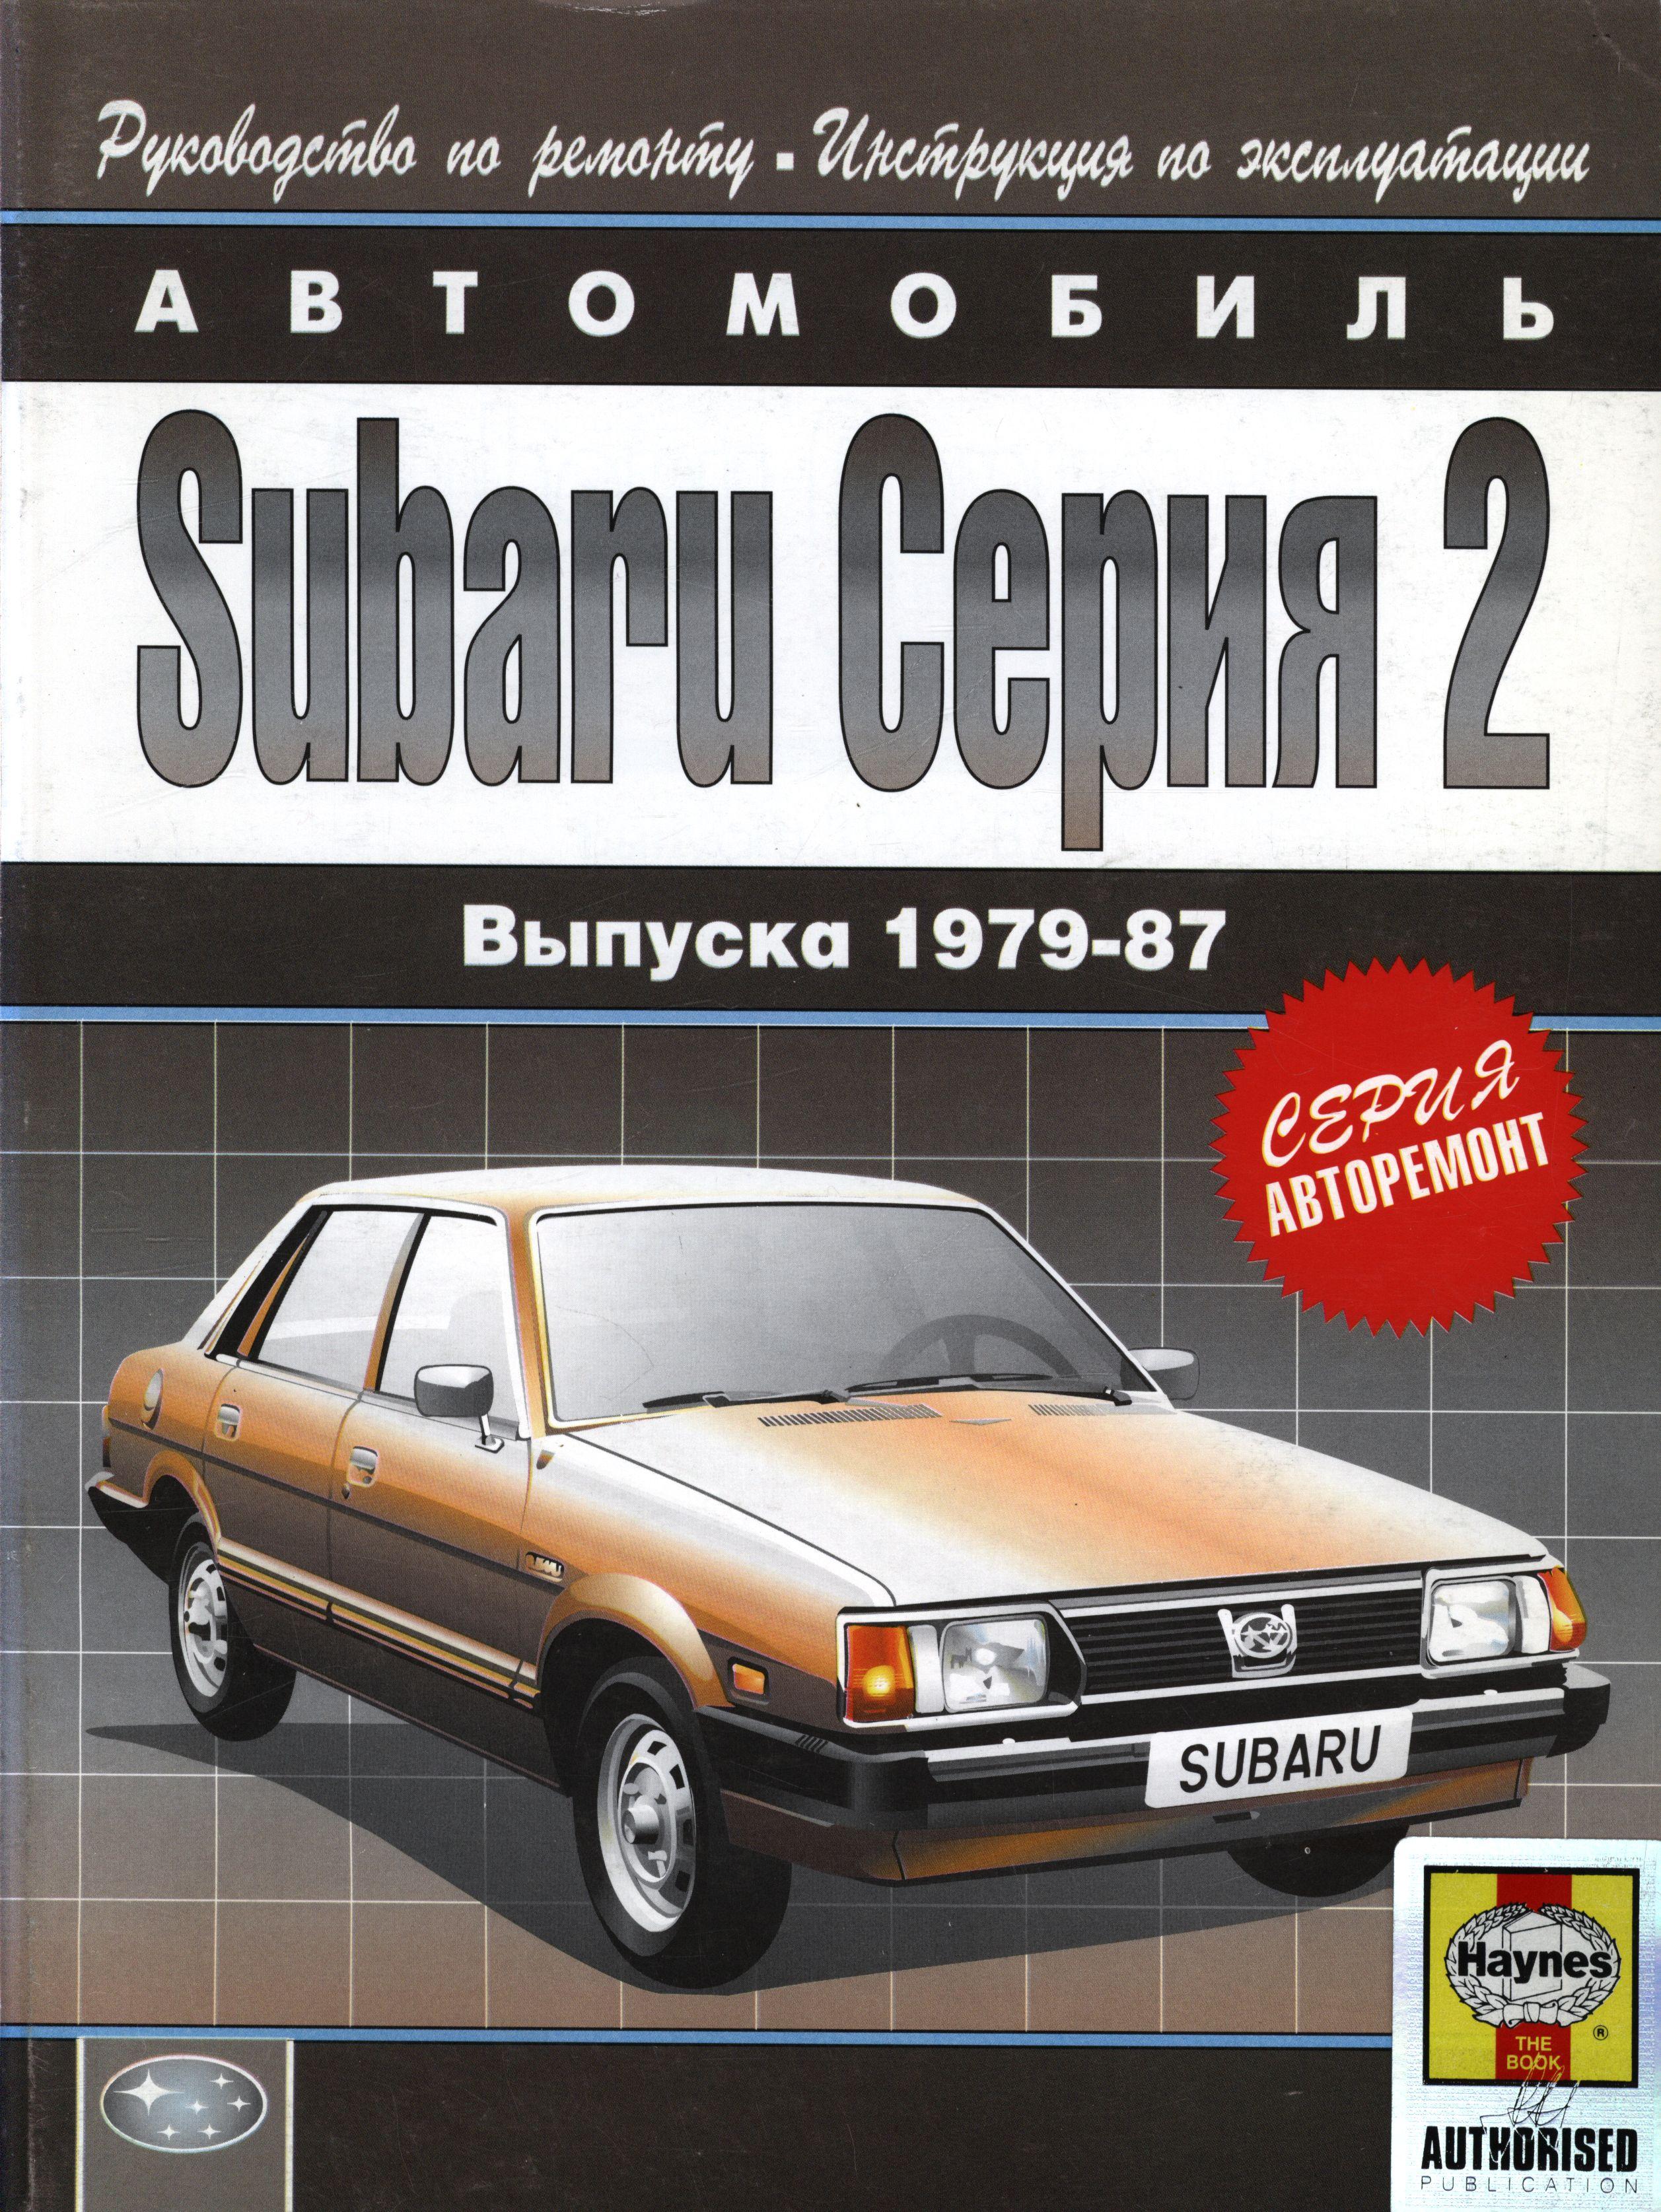 SUBARU серия 2 1979-1987 бензин Пособие по ремонту и эксплуатации